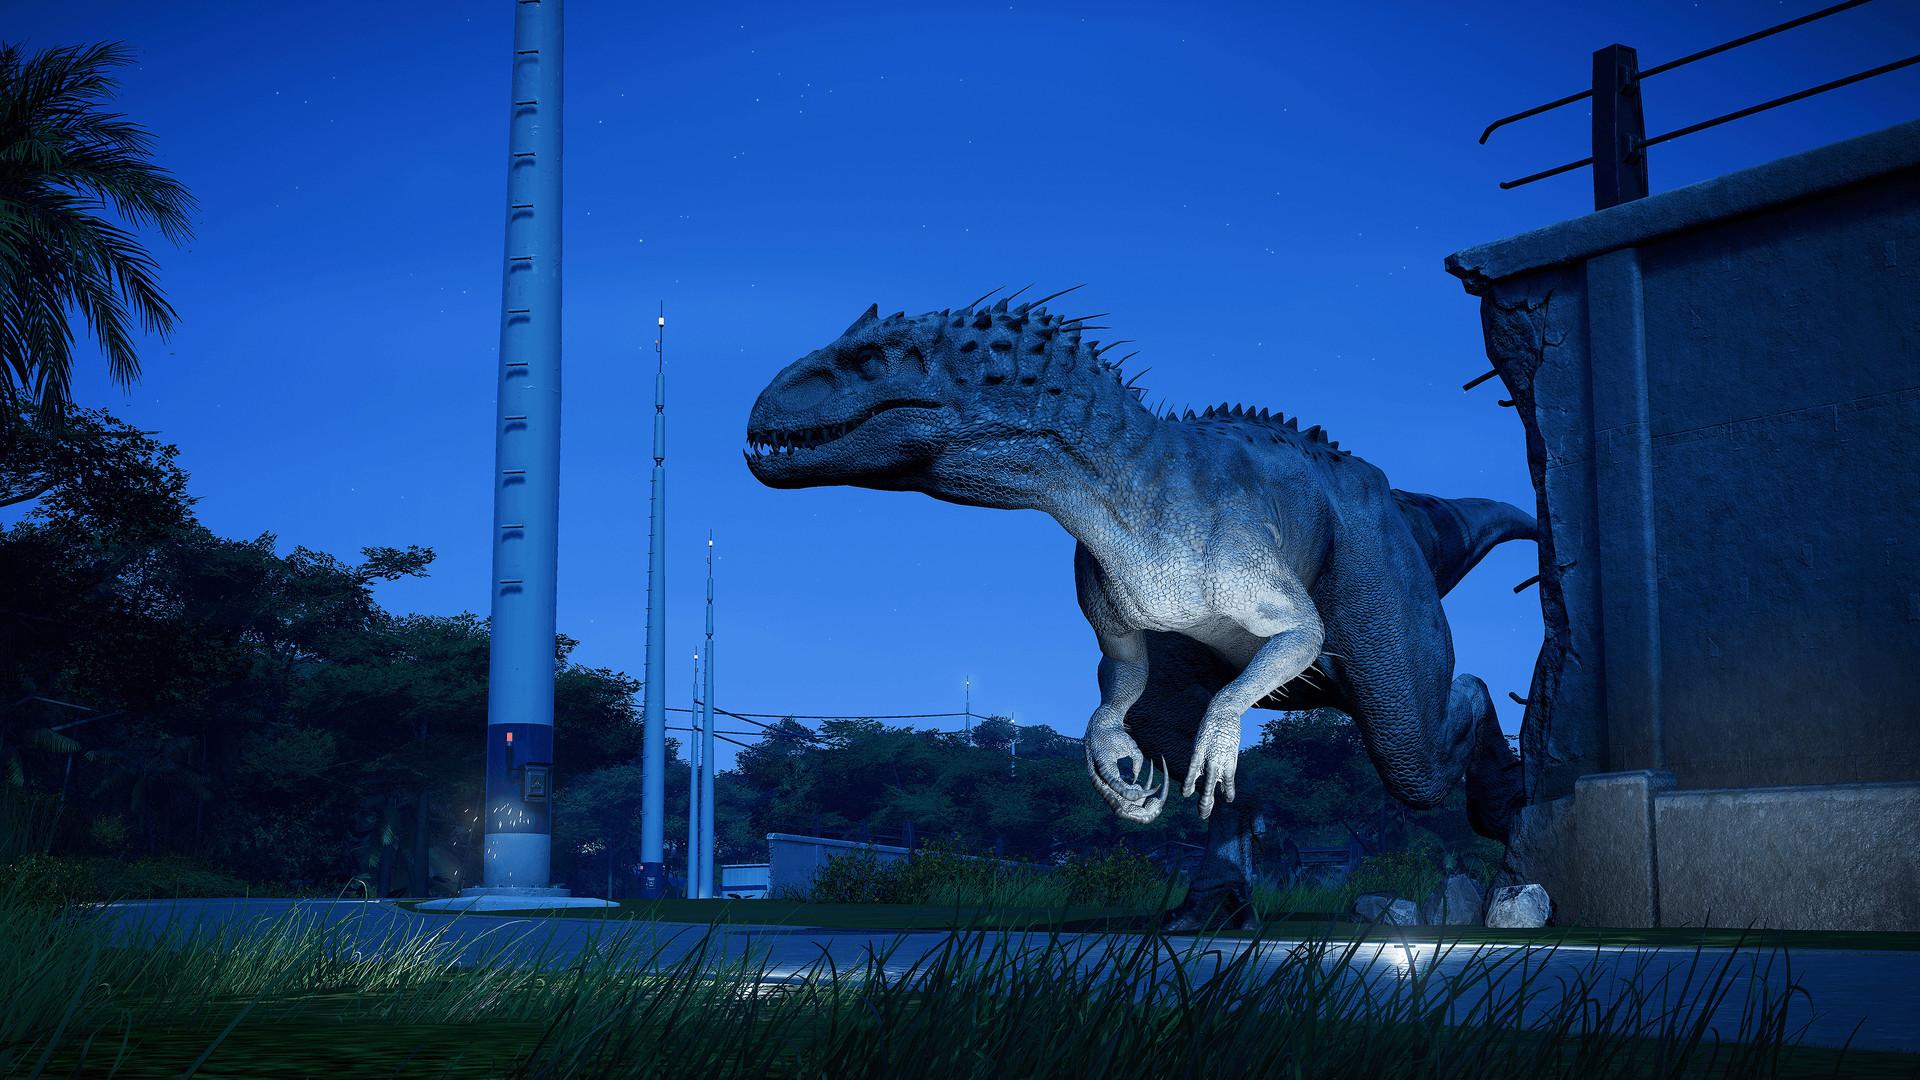 سی دی کی اریجینال استیم بازی Jurassic World Evolution